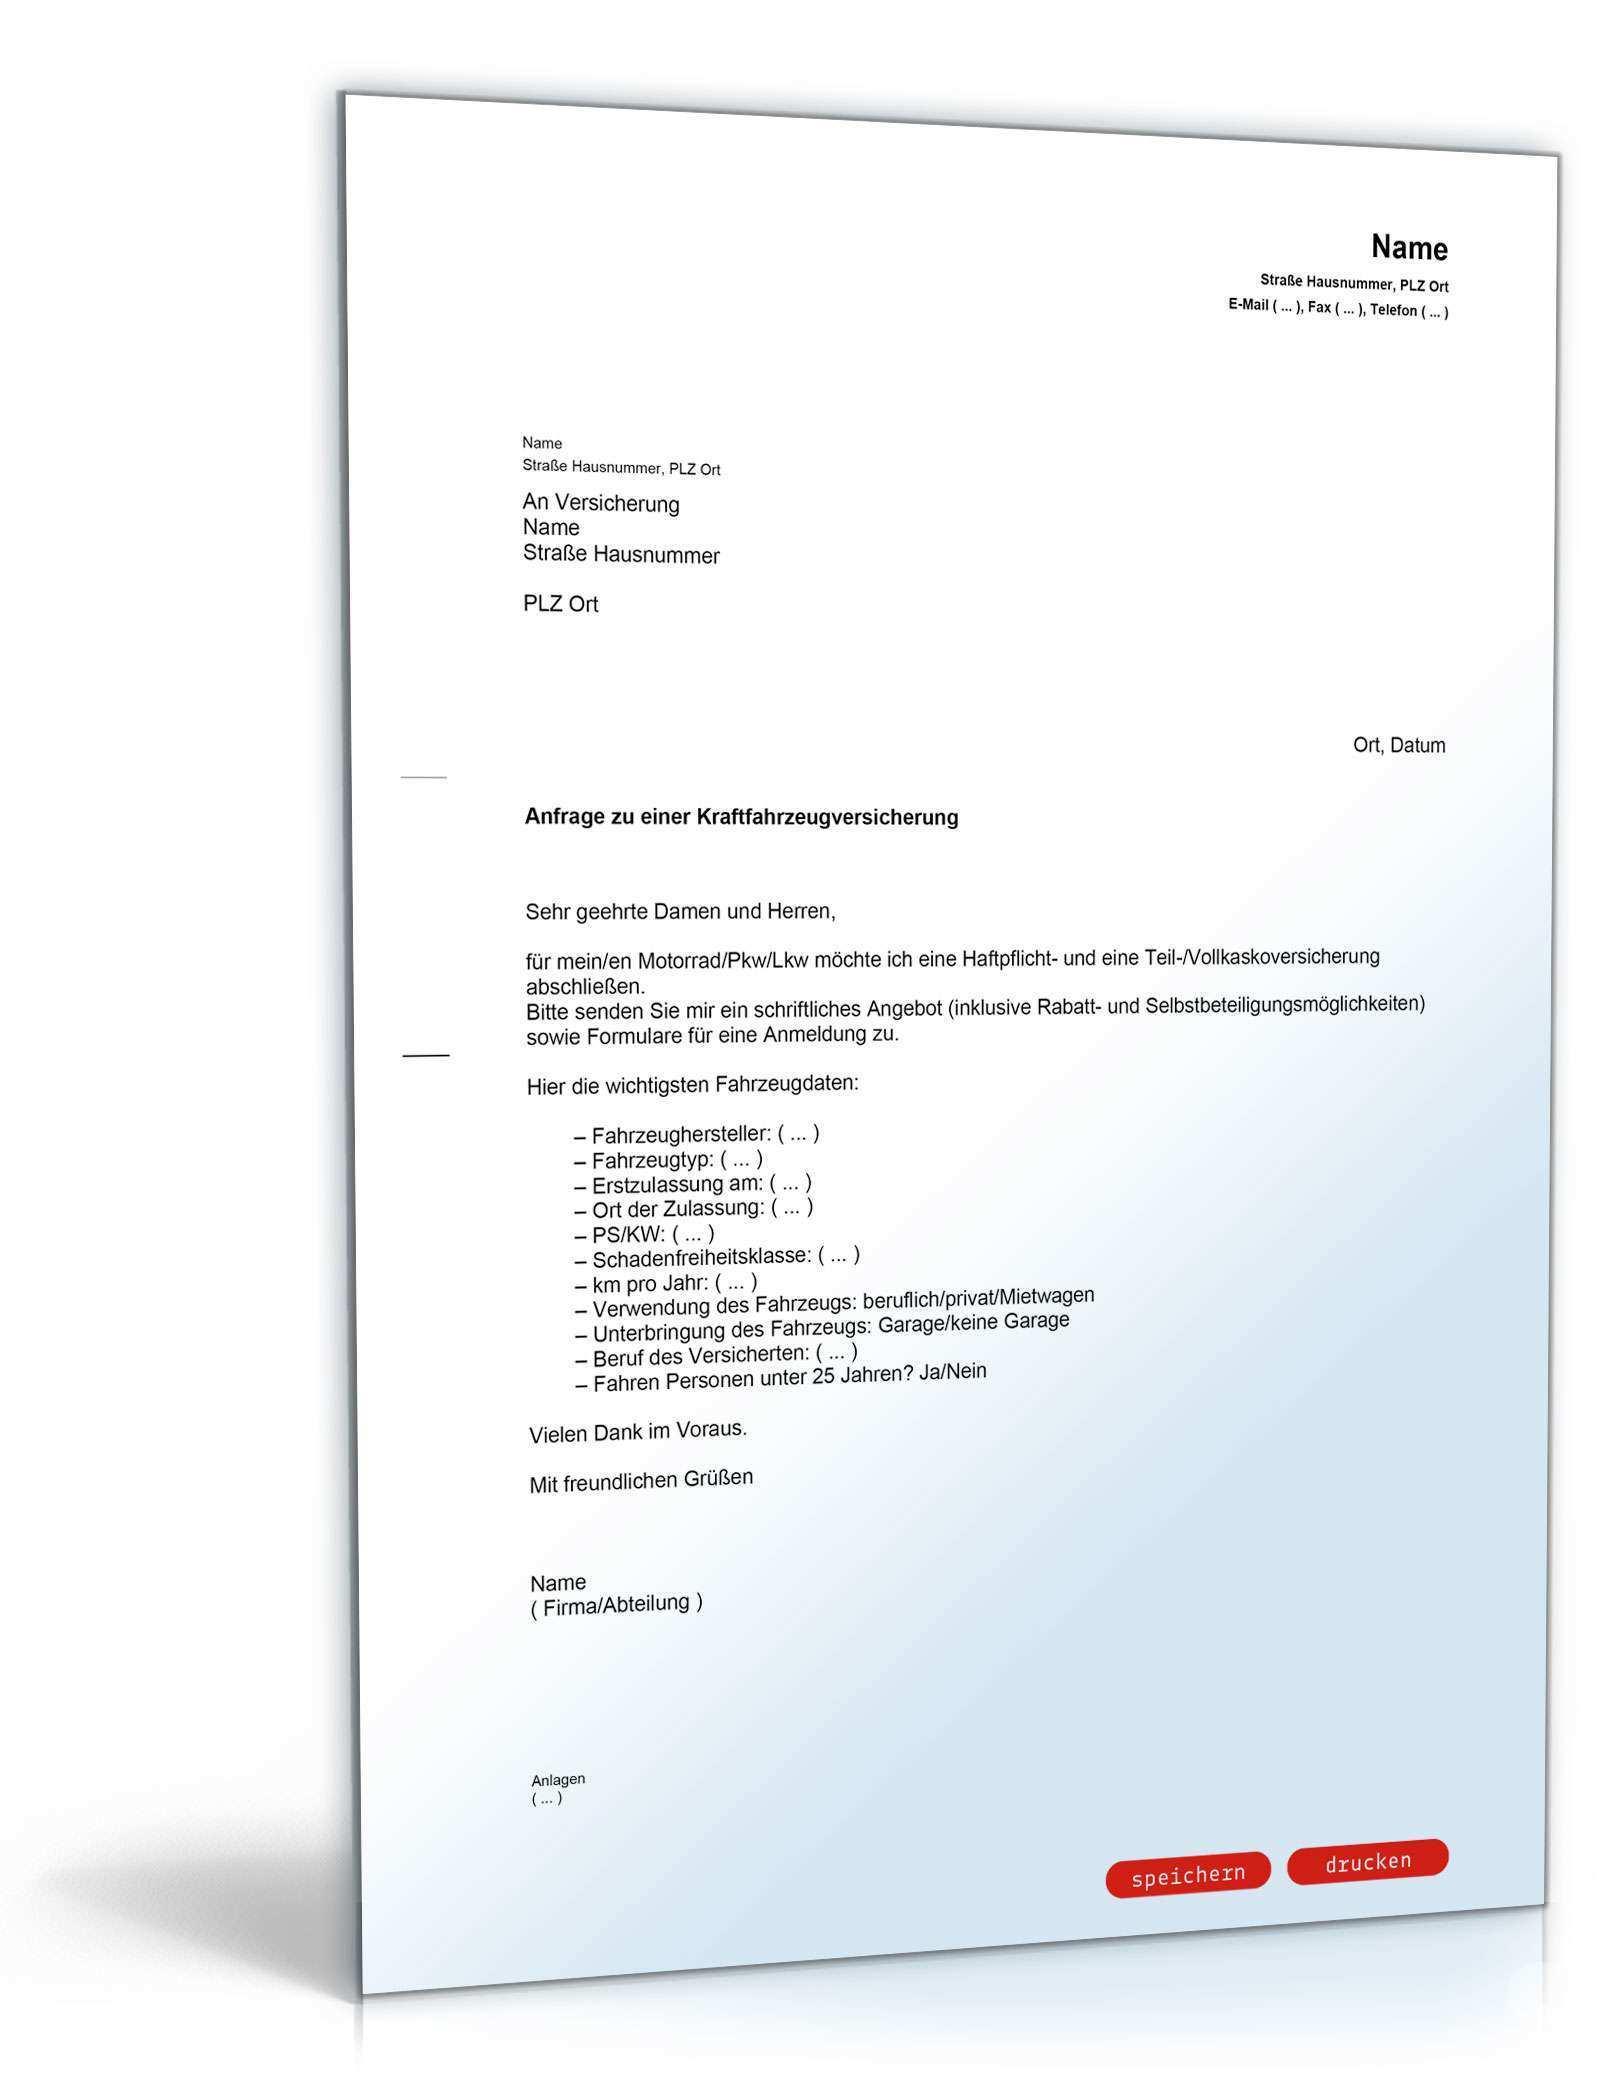 Anfrage Angebot Kfz Versicherung Muster Vorlage Zum Download